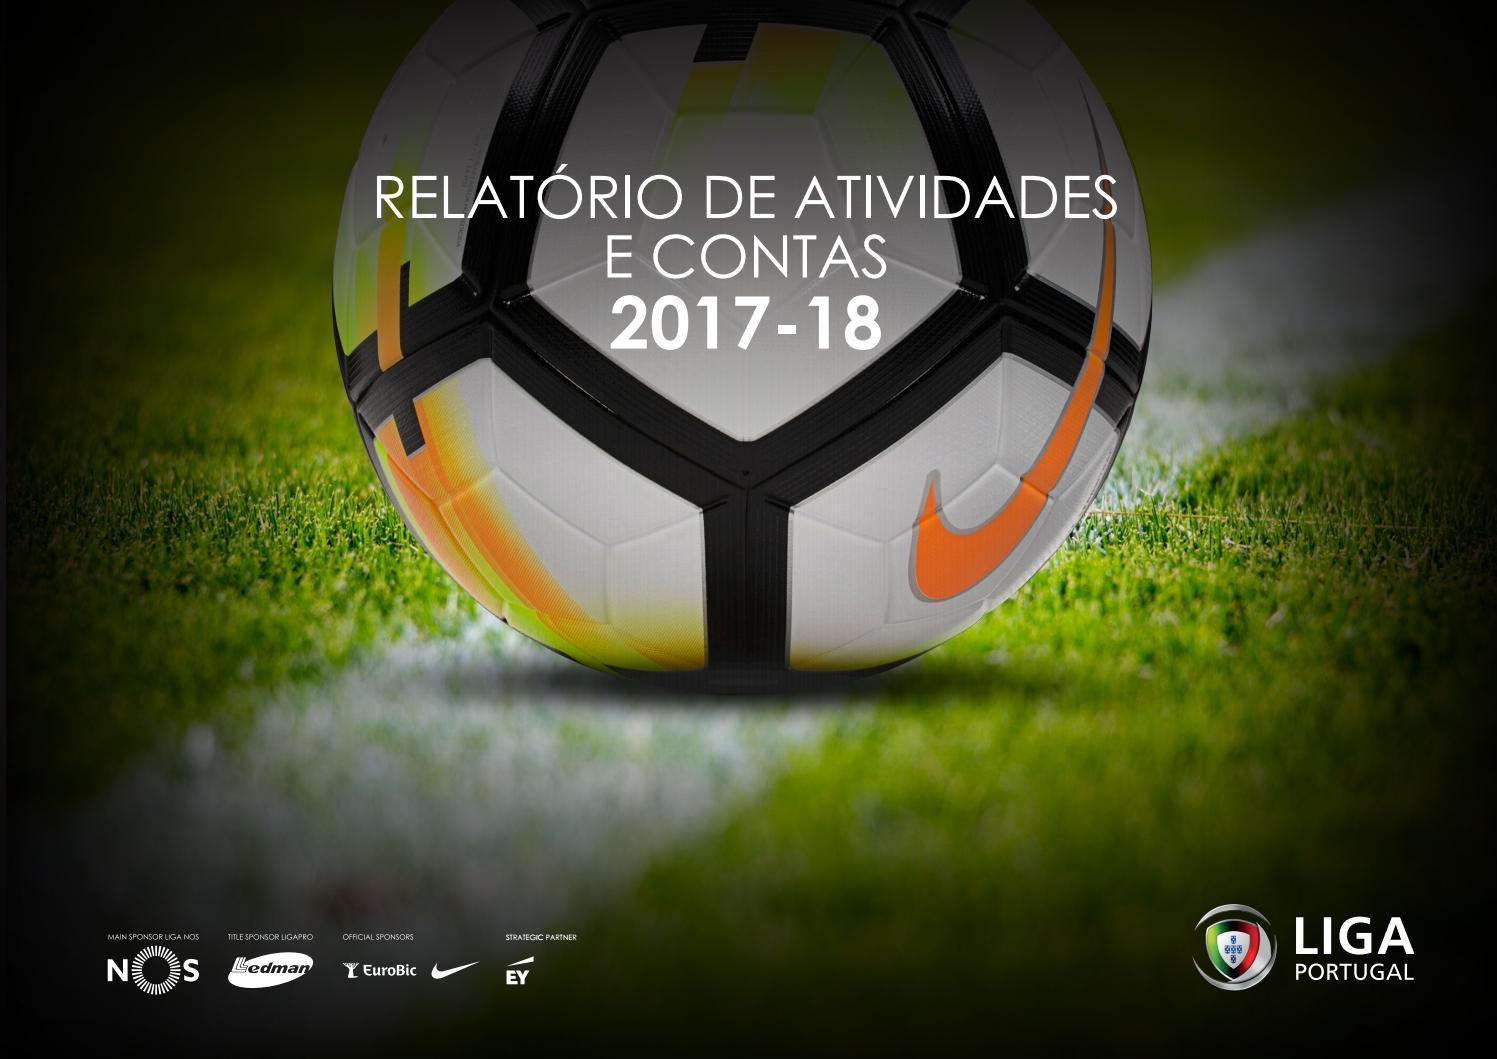 Relatório de Atividades 2017-18 by Liga Portugal - issuu 33c4c78bd8e35